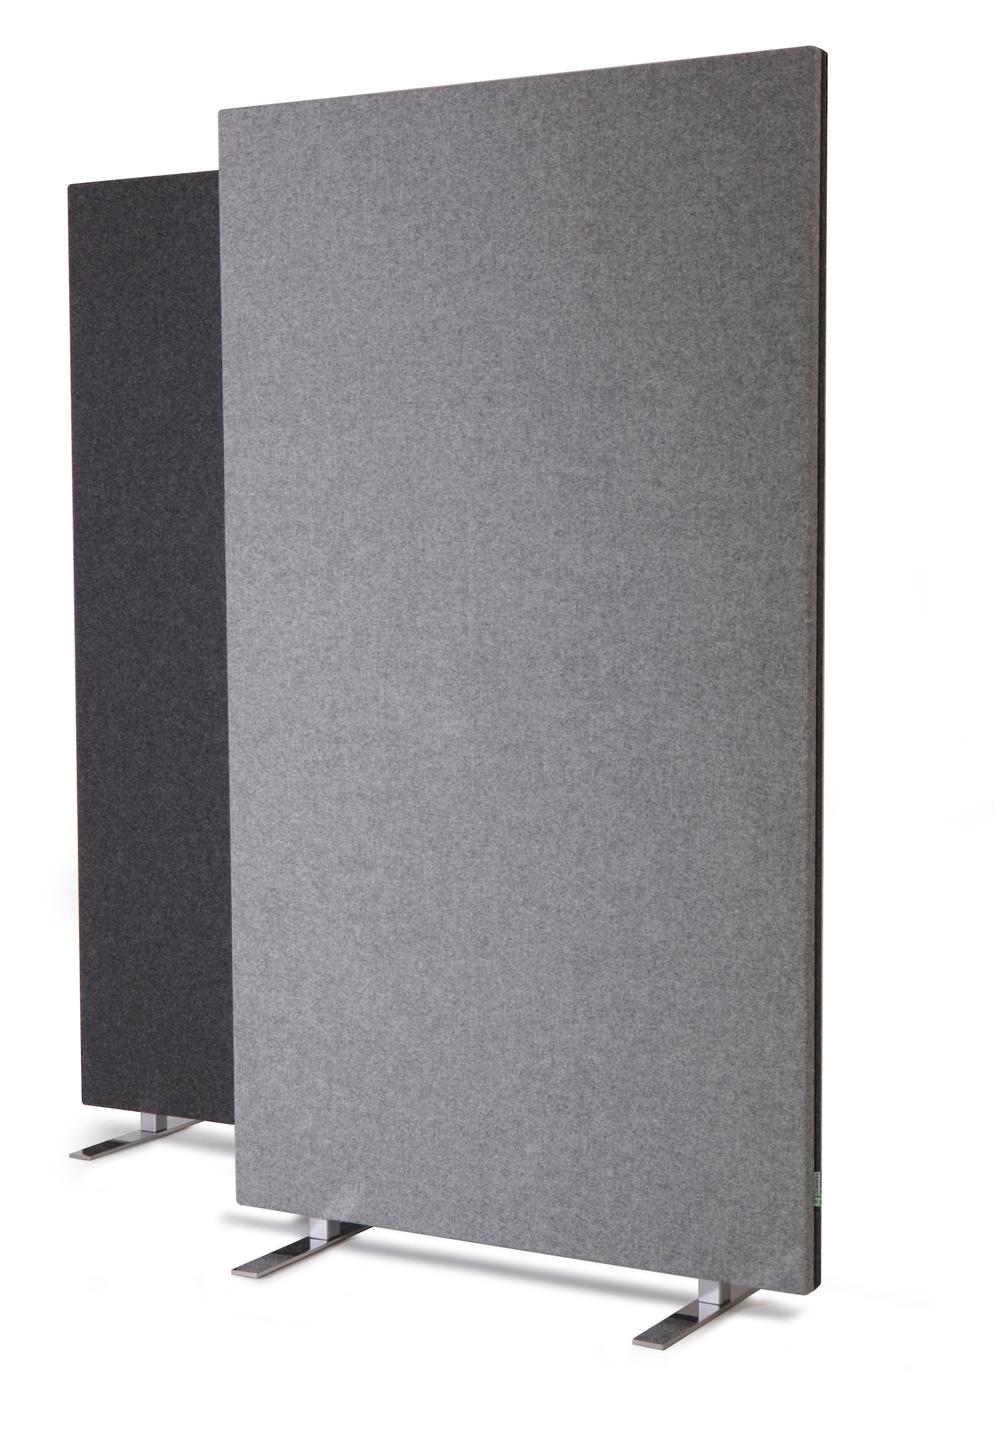 Raumakustik-Schallschutz-Lärm-Stellwände-Limbus-8